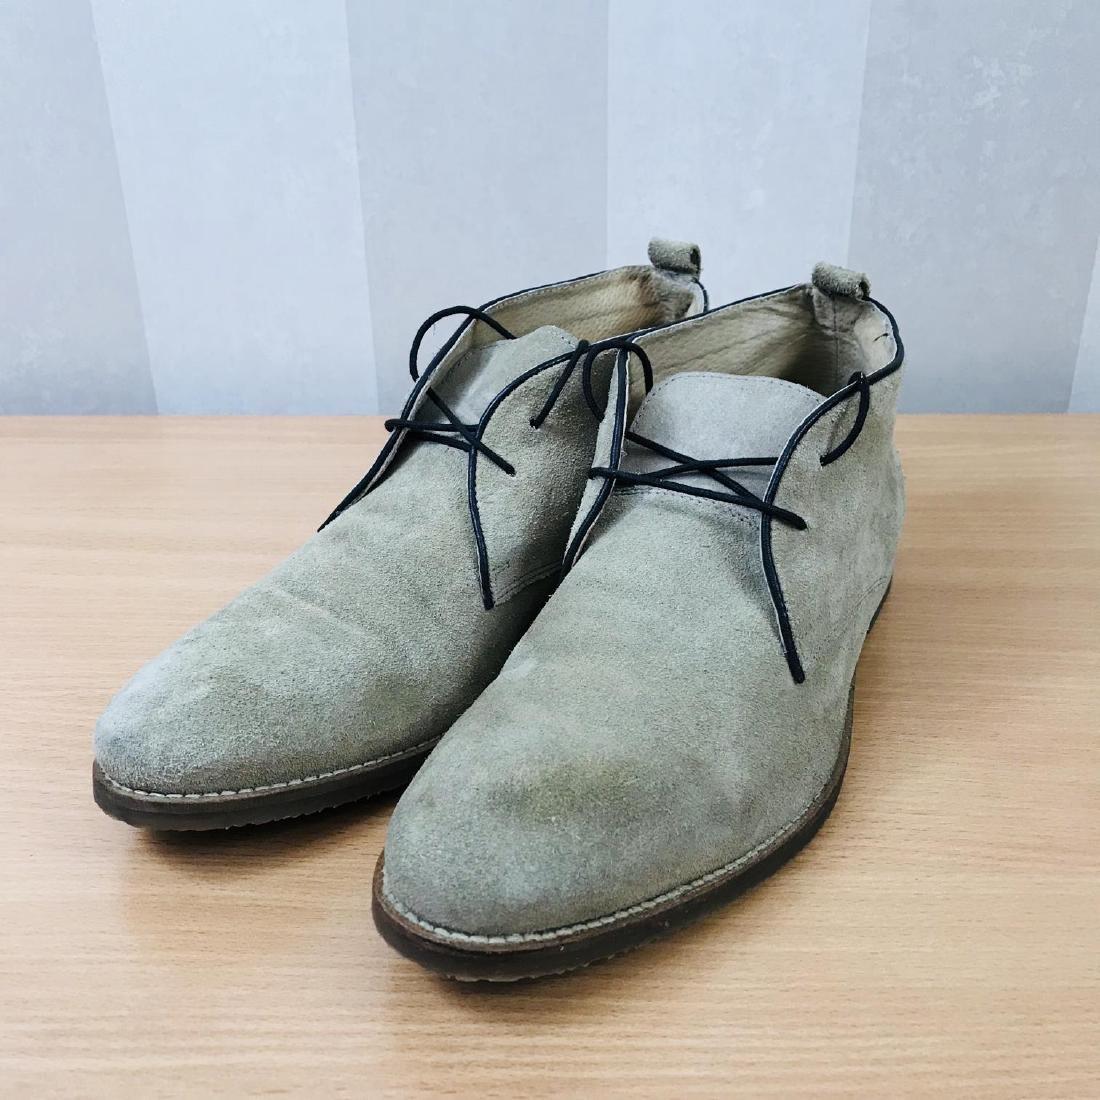 Vintage Men's Suede Leather Shoes Size EUR 44 US 11 - 5